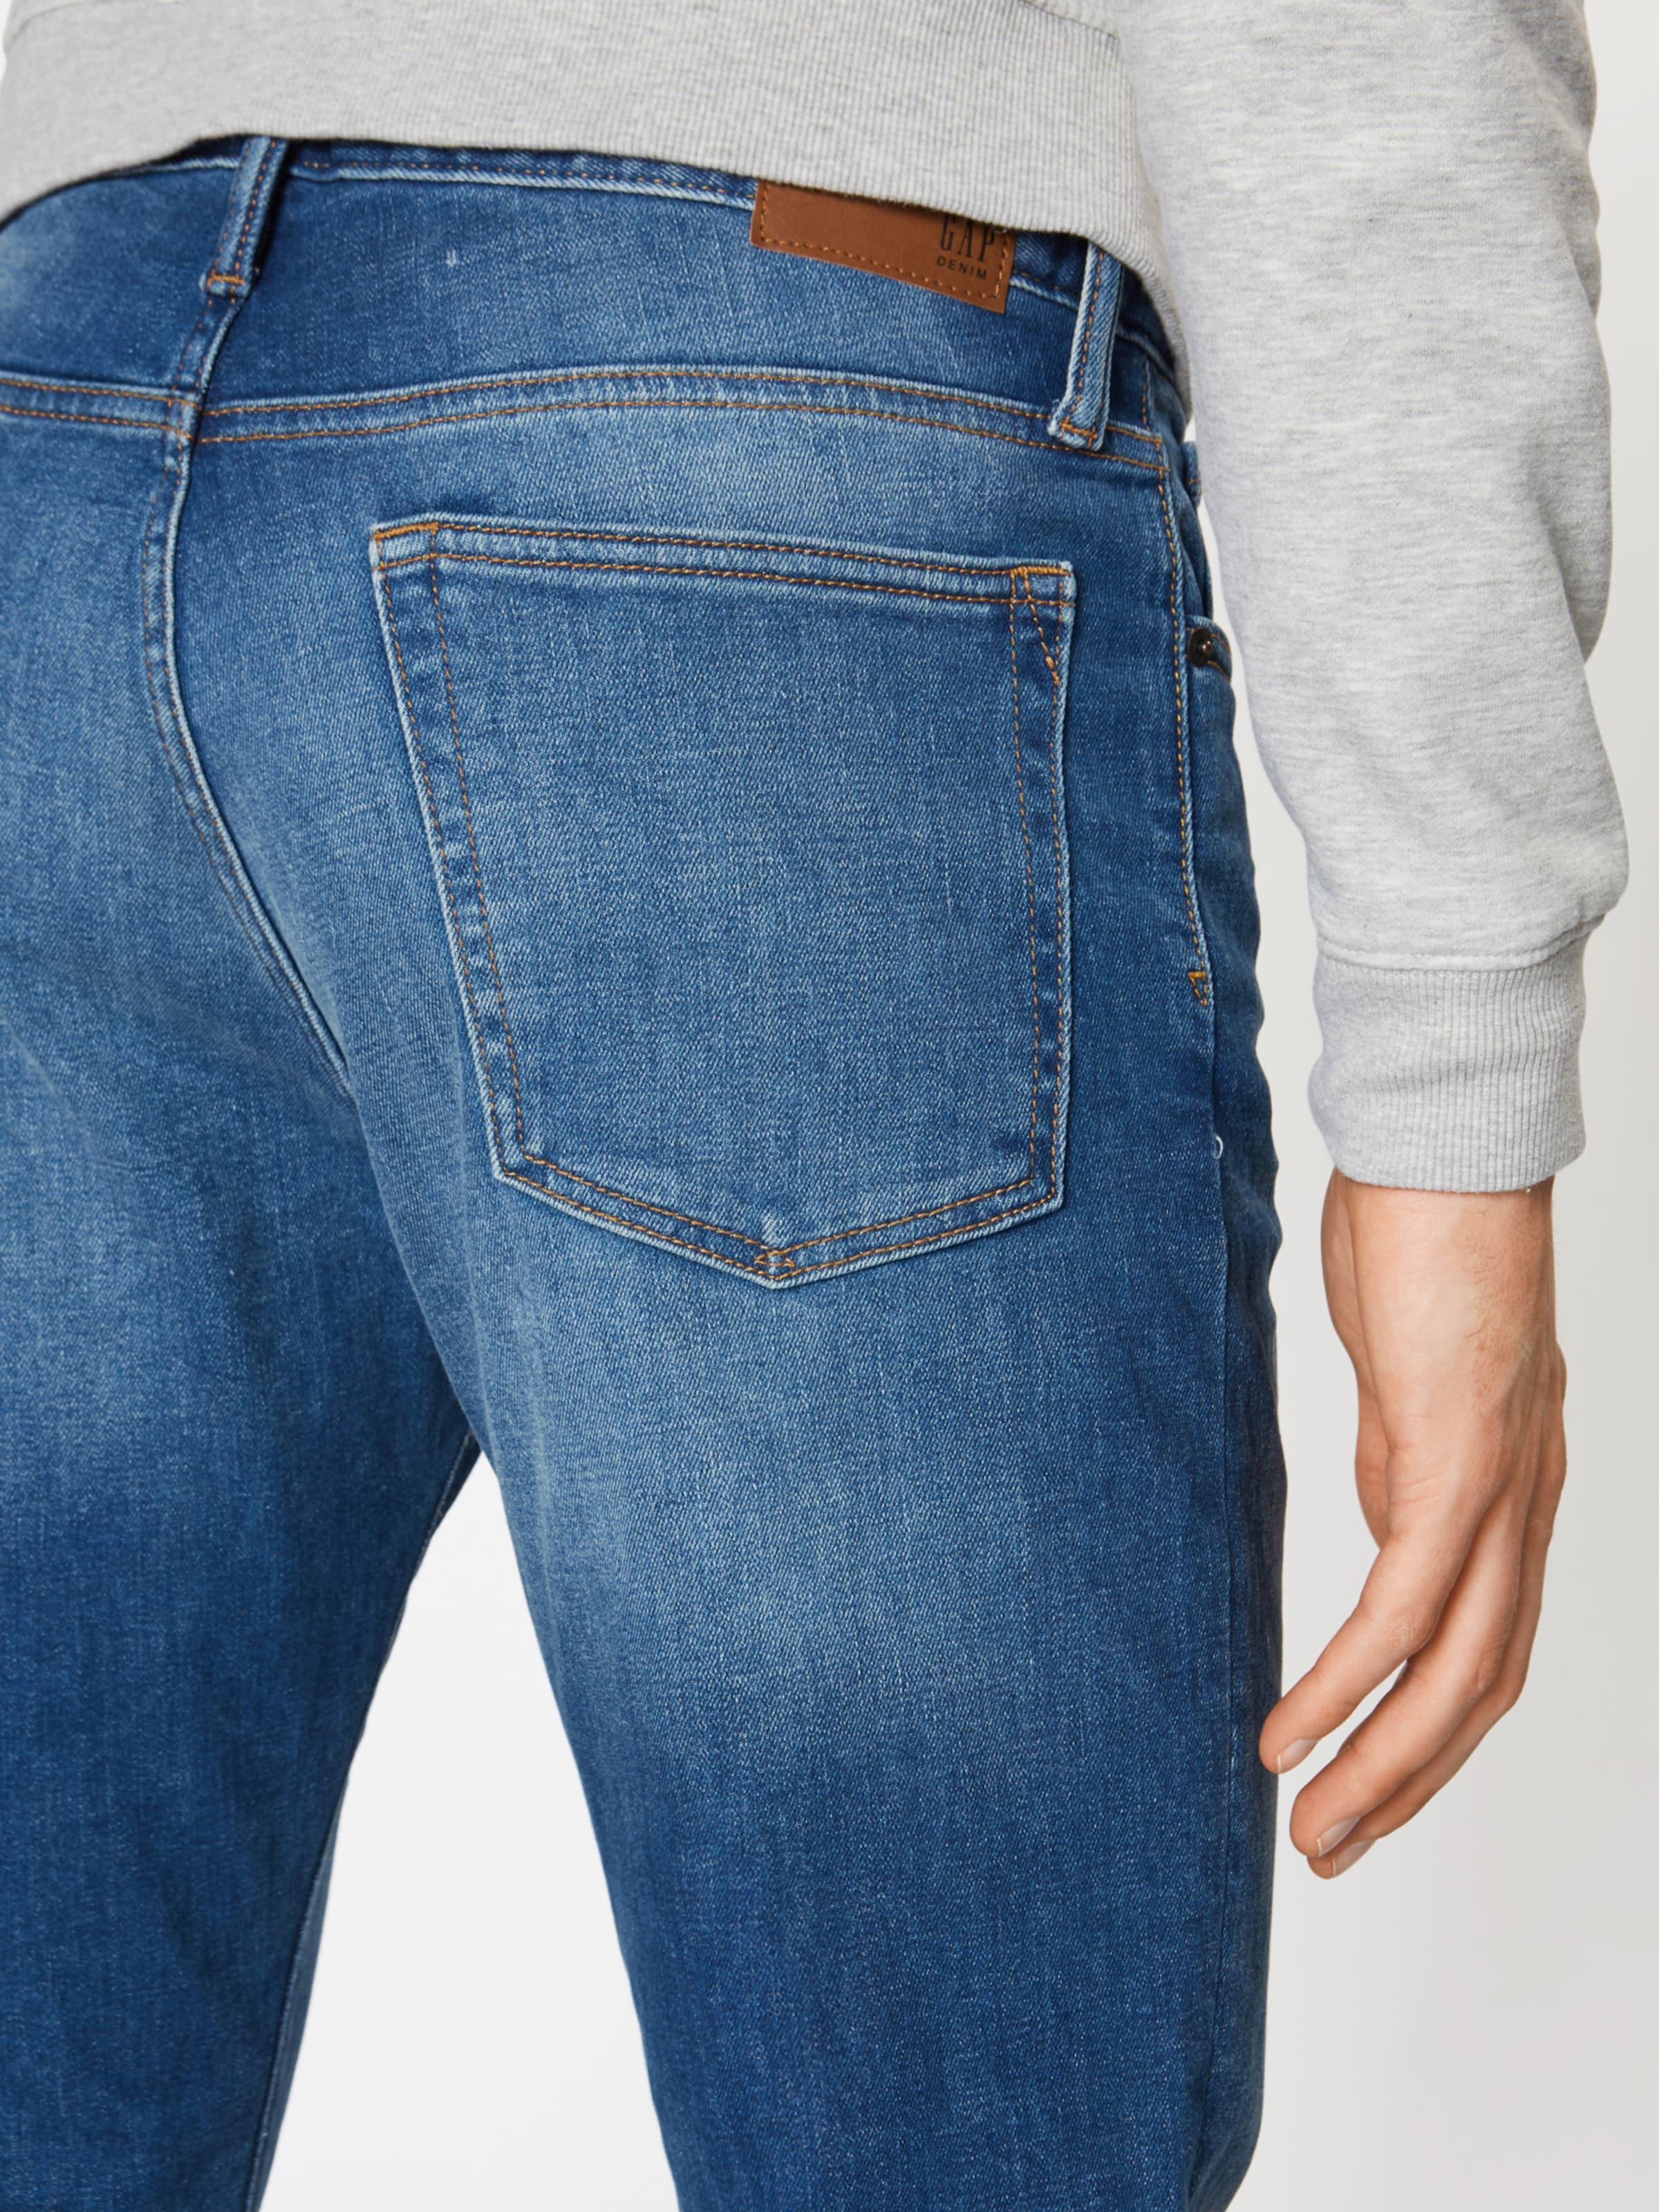 Denim Bright Bleu Straight Gap 'slim Jean Str Medium' En kXZOPiuT